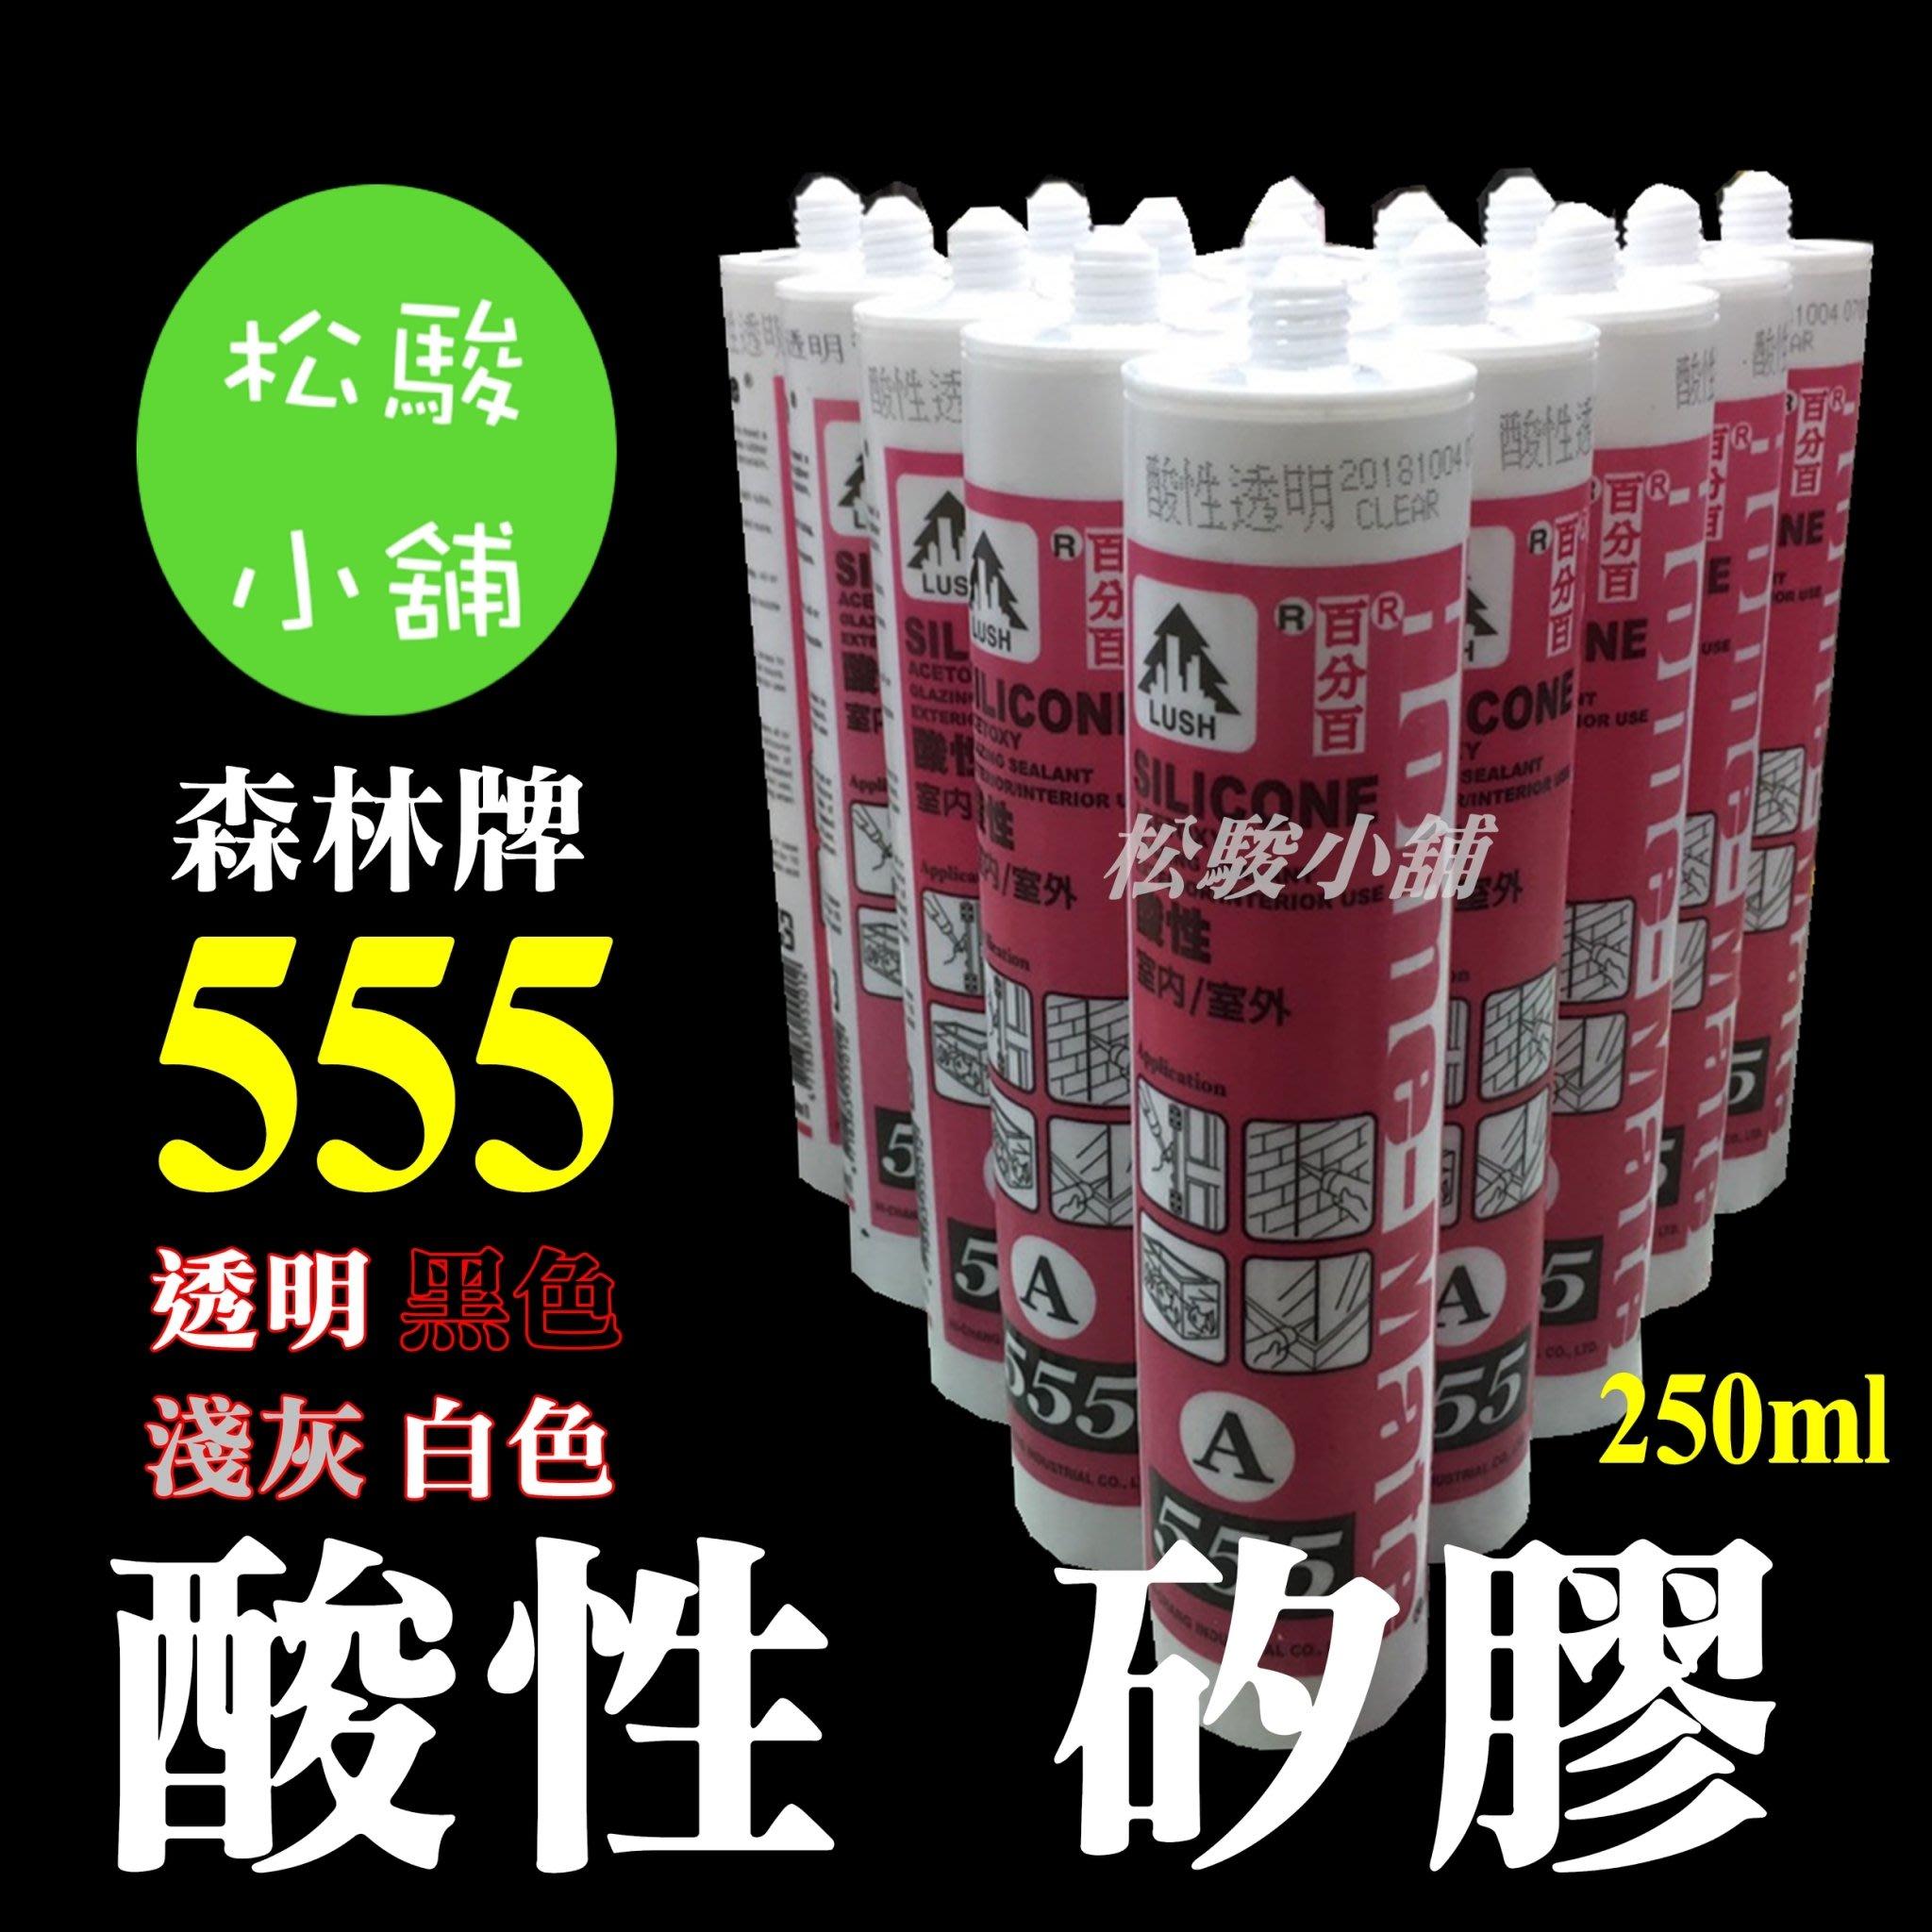 【松駿小舖】 矽利康酸性- 555 LUSH 樹牌 (250ml) 白色、黑色、淺灰色、透明色